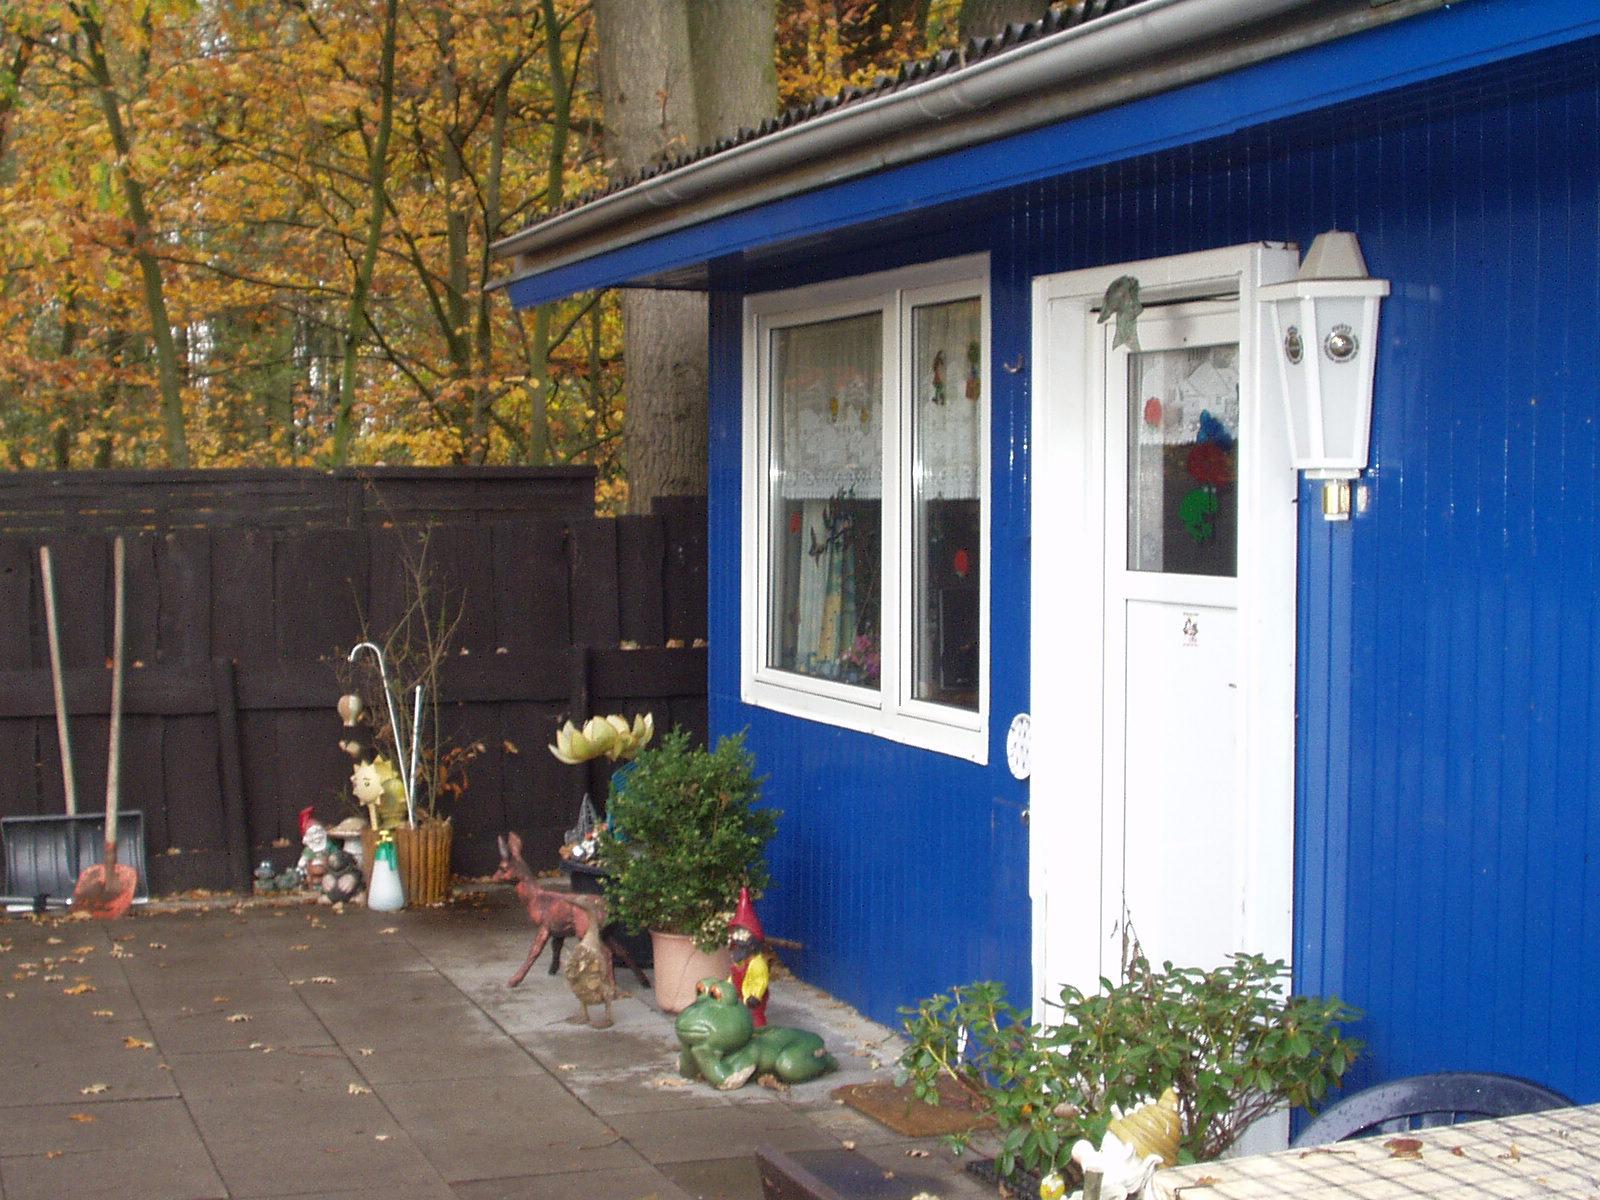 mobilheim wochenendhaus zu verkaufen mobilheim. Black Bedroom Furniture Sets. Home Design Ideas